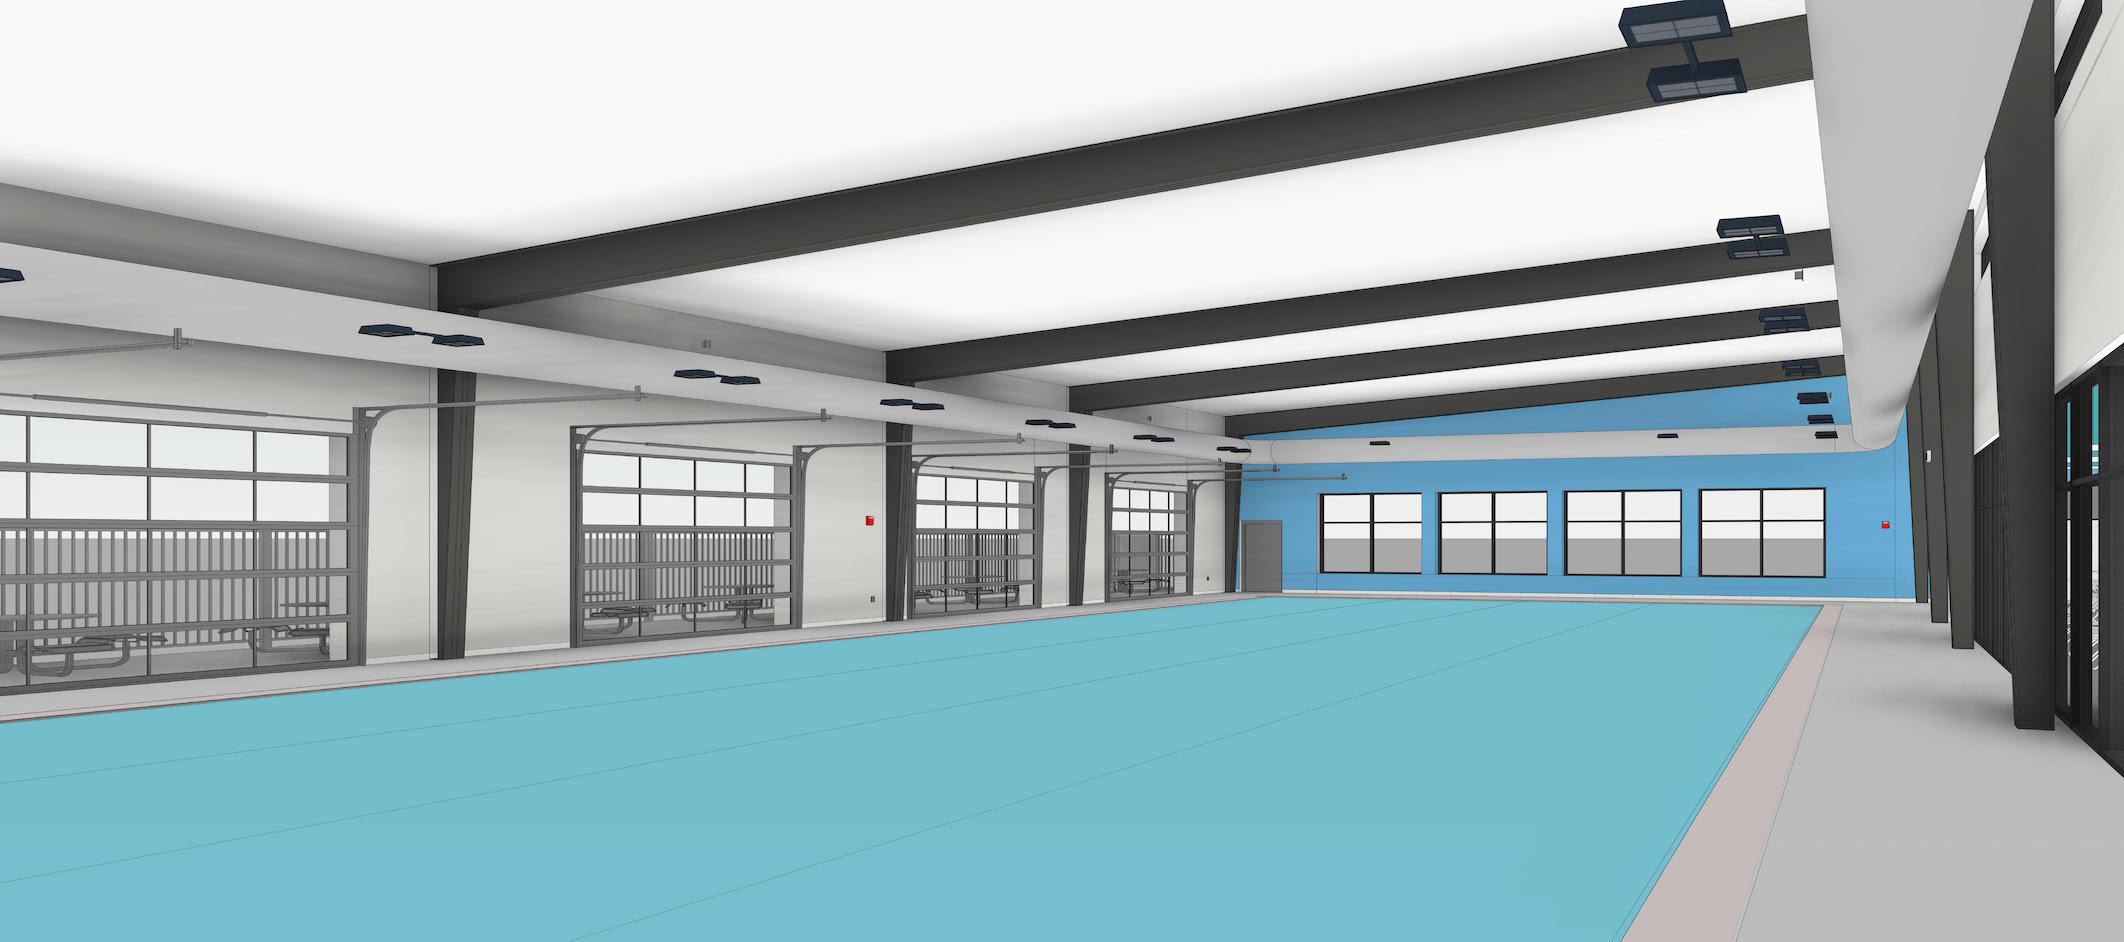 facility-pool